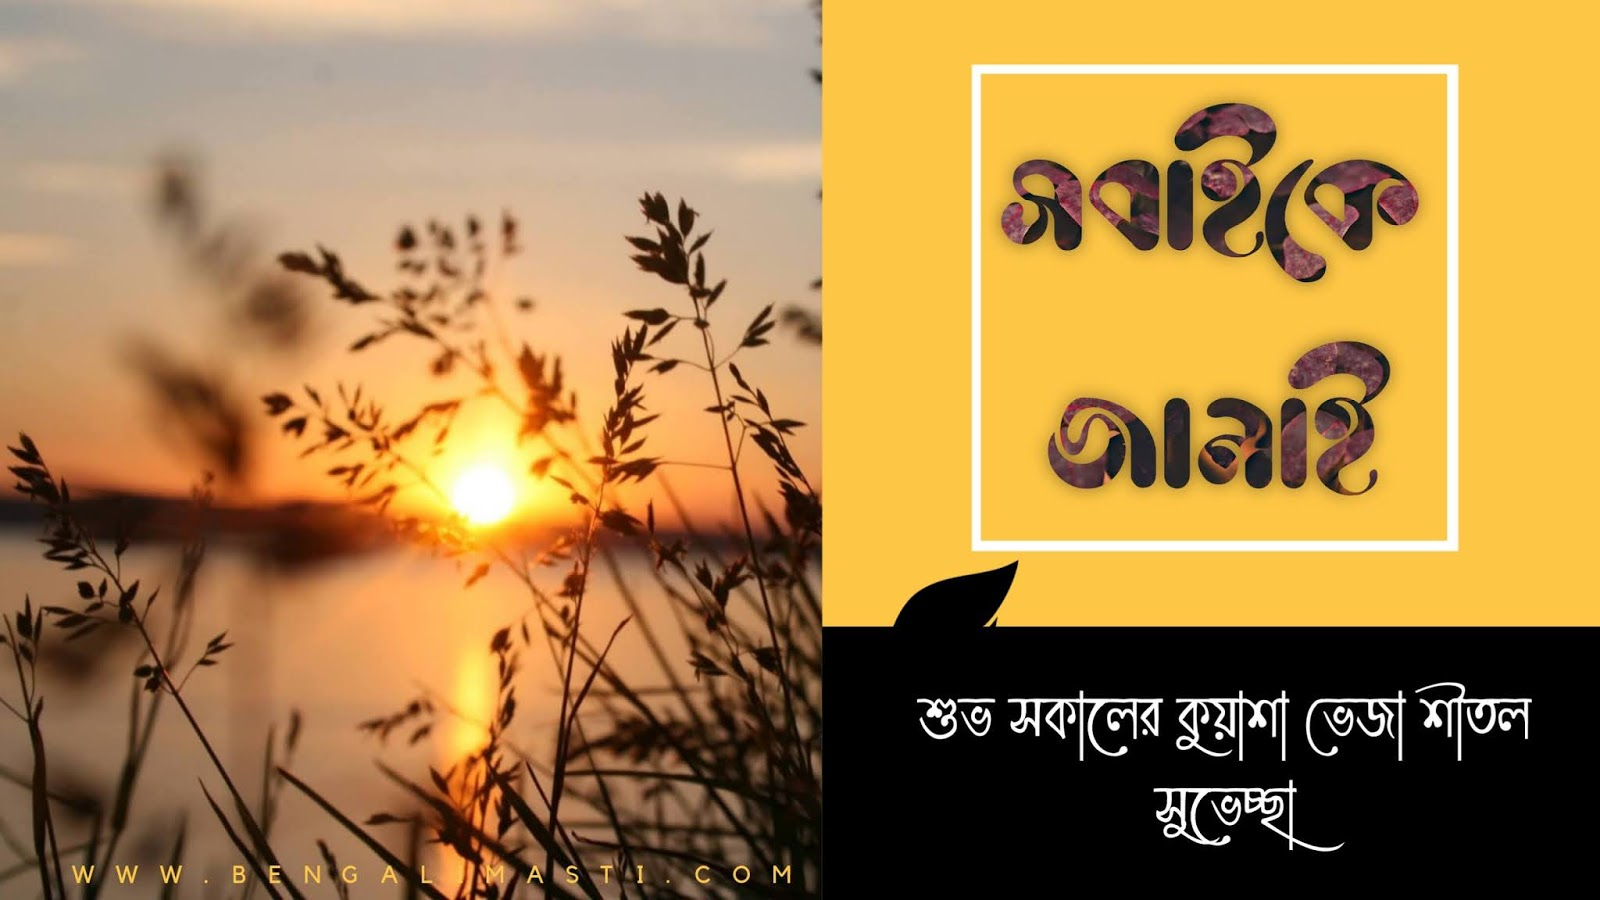 Bangla good morning status